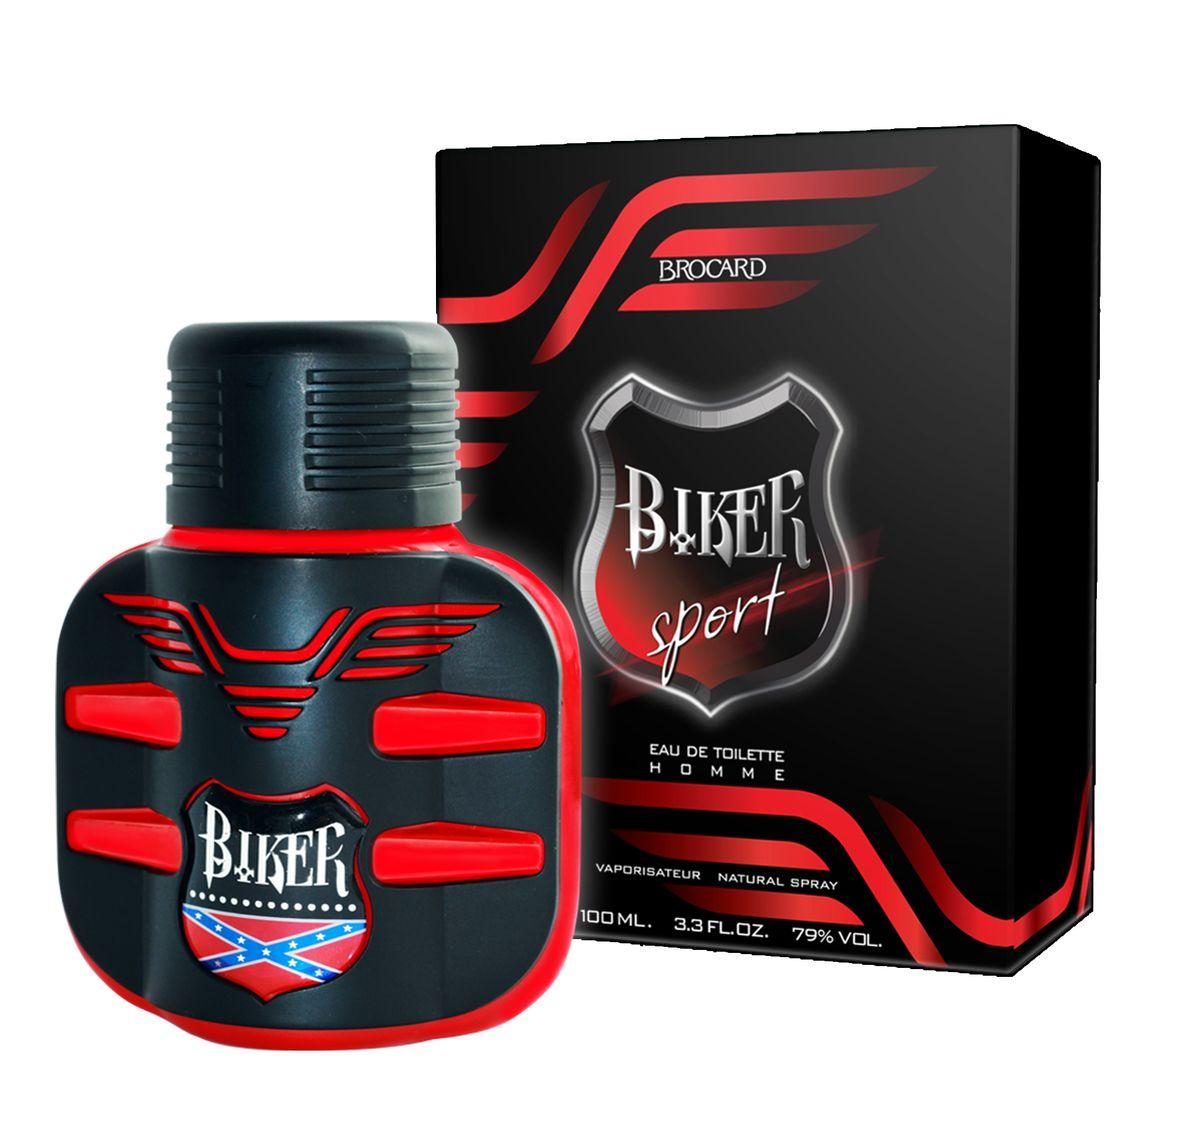 Brocard Biker Sport Туалетная вода для мужчин, 100 мл1301028Импульсивный, свежий, искрящийся, динамичный, порывистый и жизнеутверждающий...Цитрусово-фужерный аромат, созвучный порыву ветра. Скорость. Драйв. Эмоции...